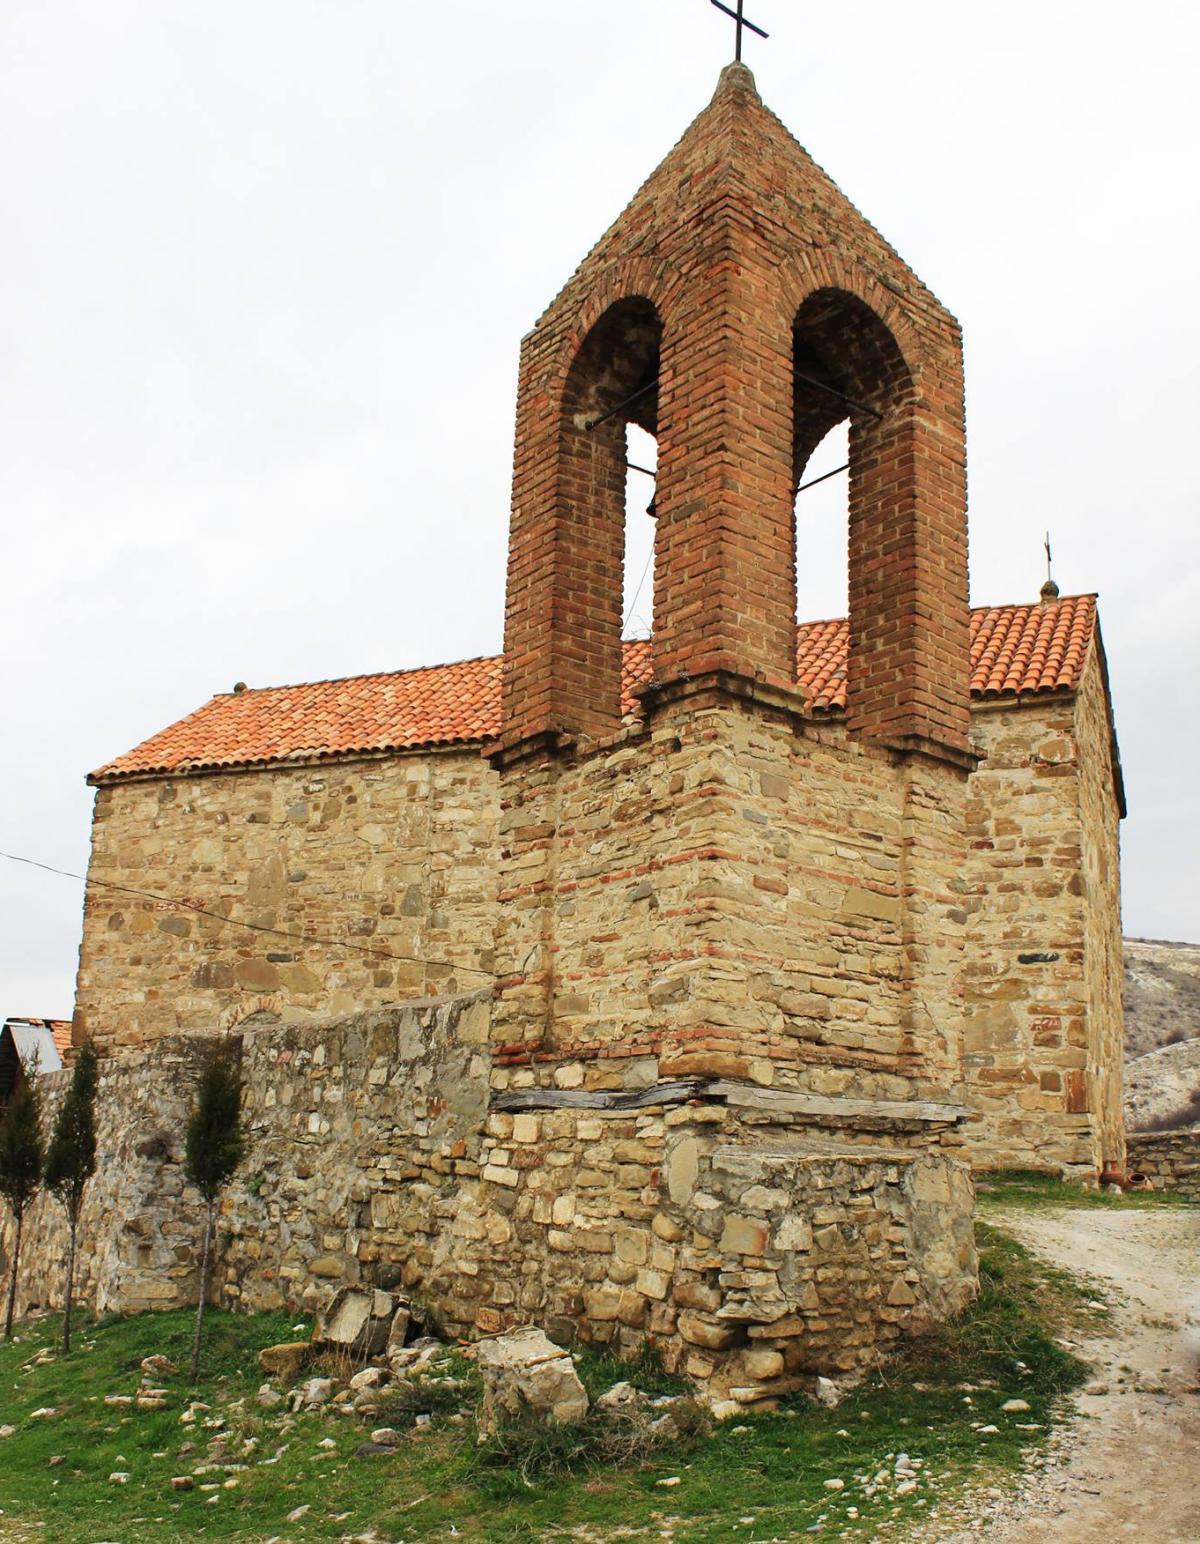 Церква Богоматері була побудована в кінці XVI століття біля села Цинарехи / newsgeorgia.ge